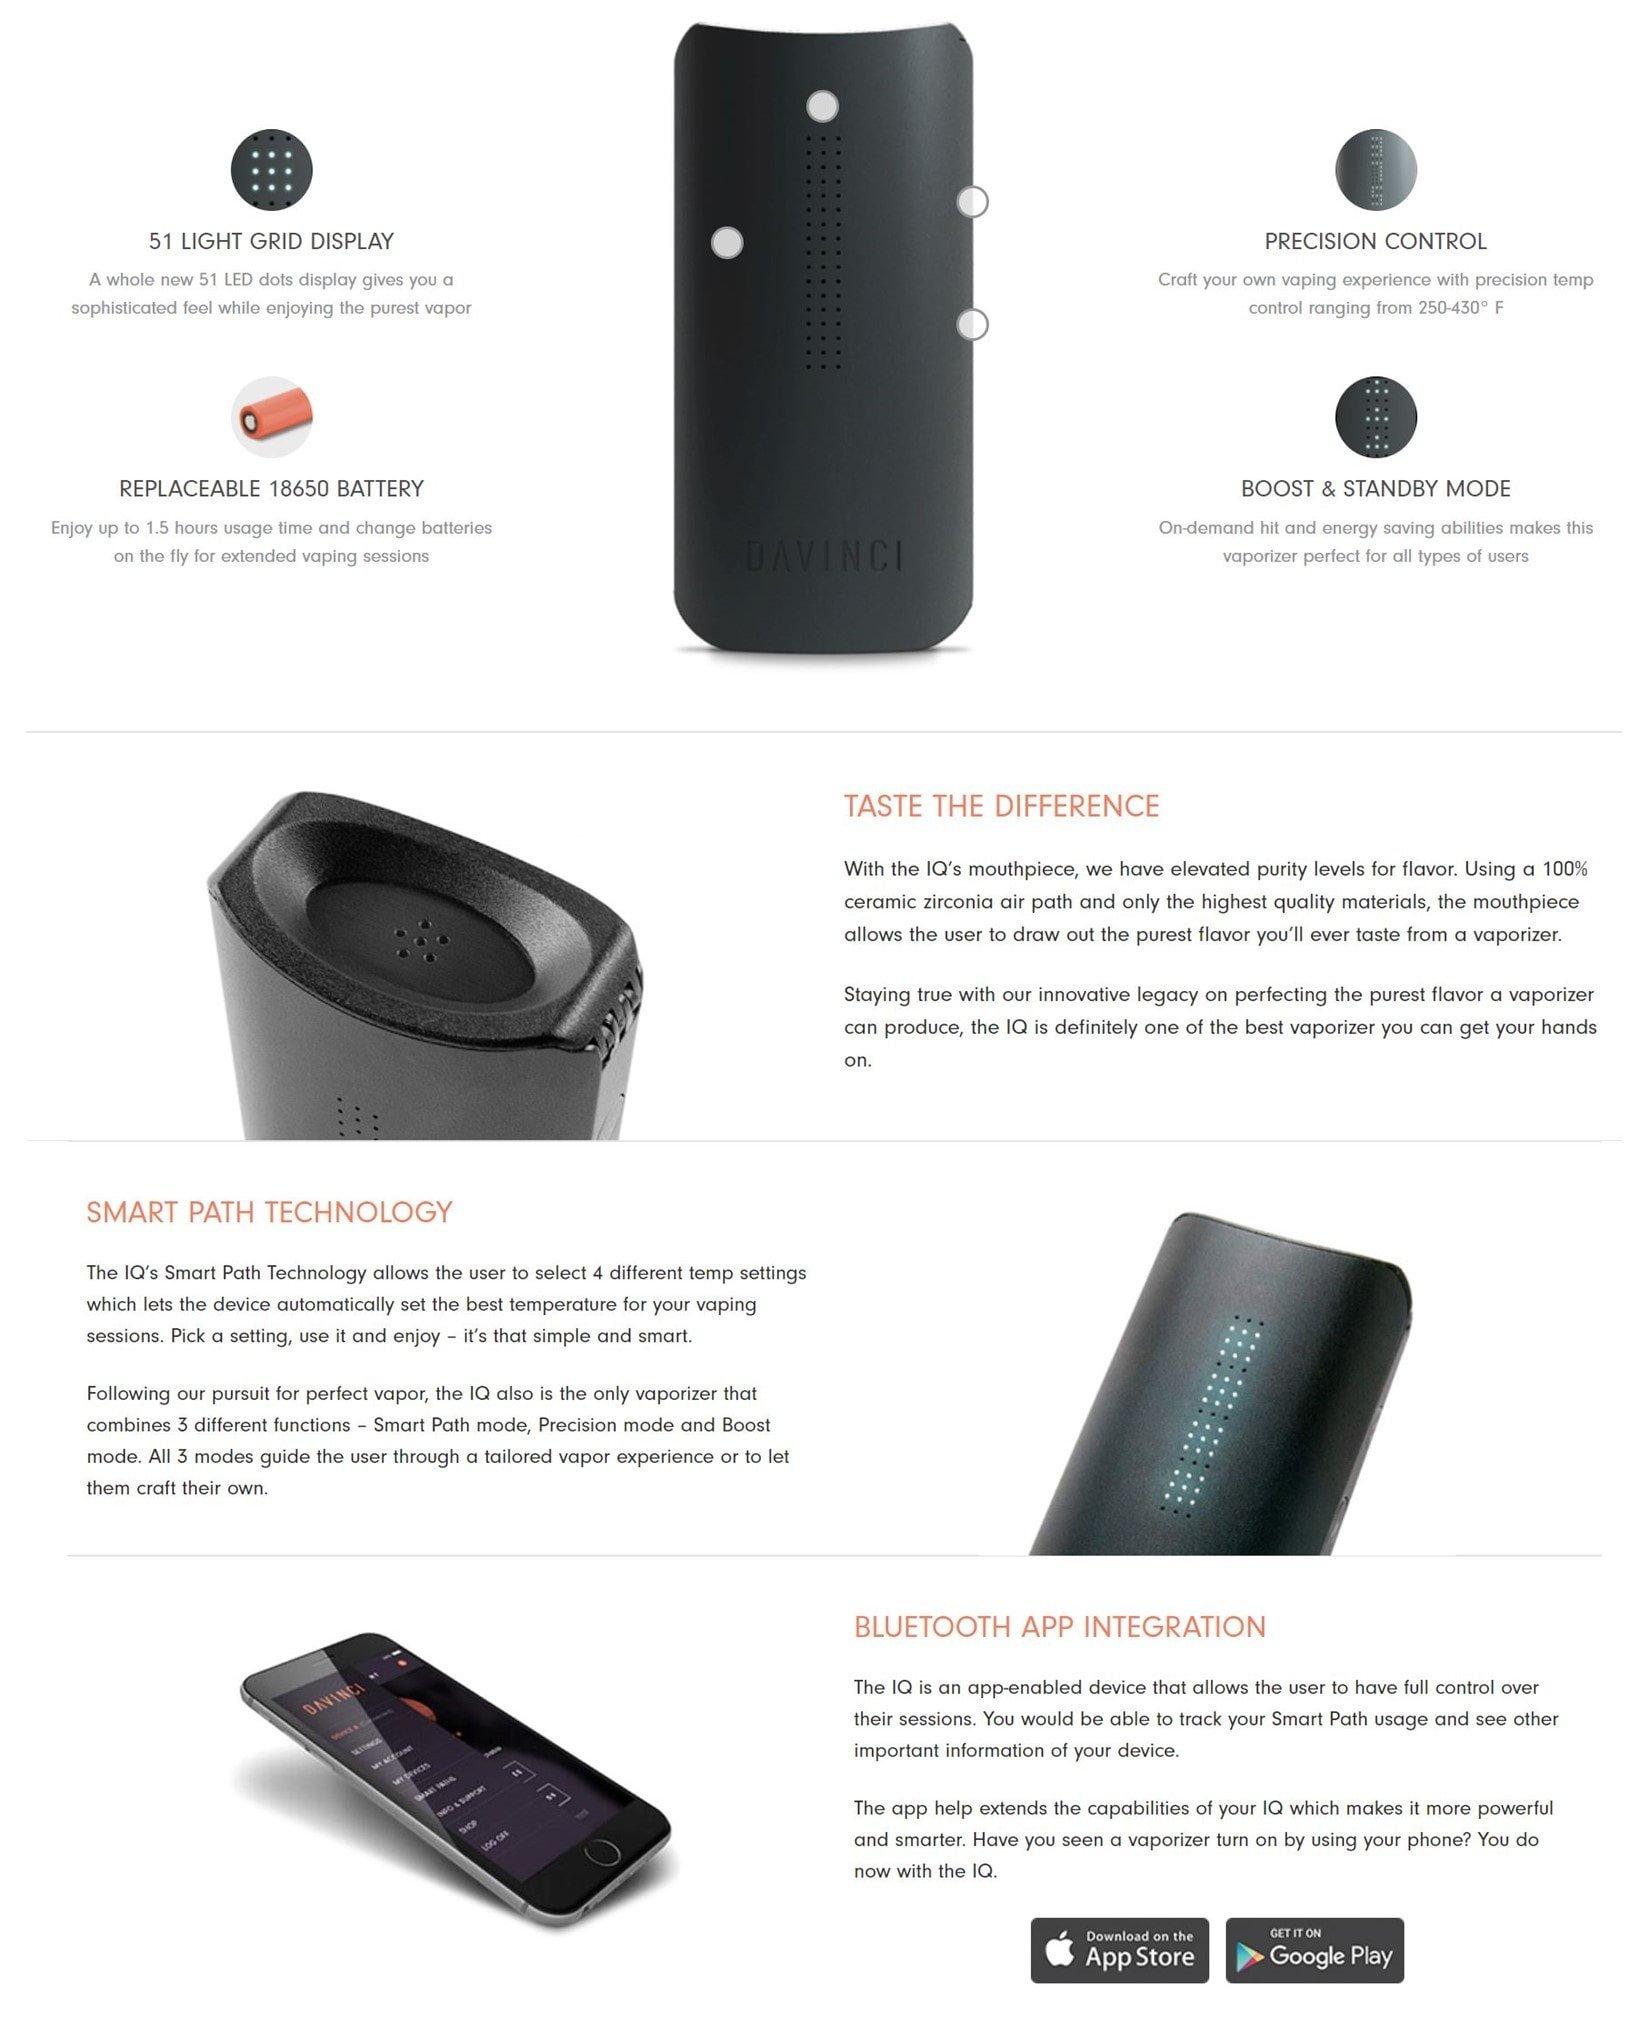 DaVinci IQ Herb Vaporizer unique design, ceramic air path, Smart Path technology and mobile app integration